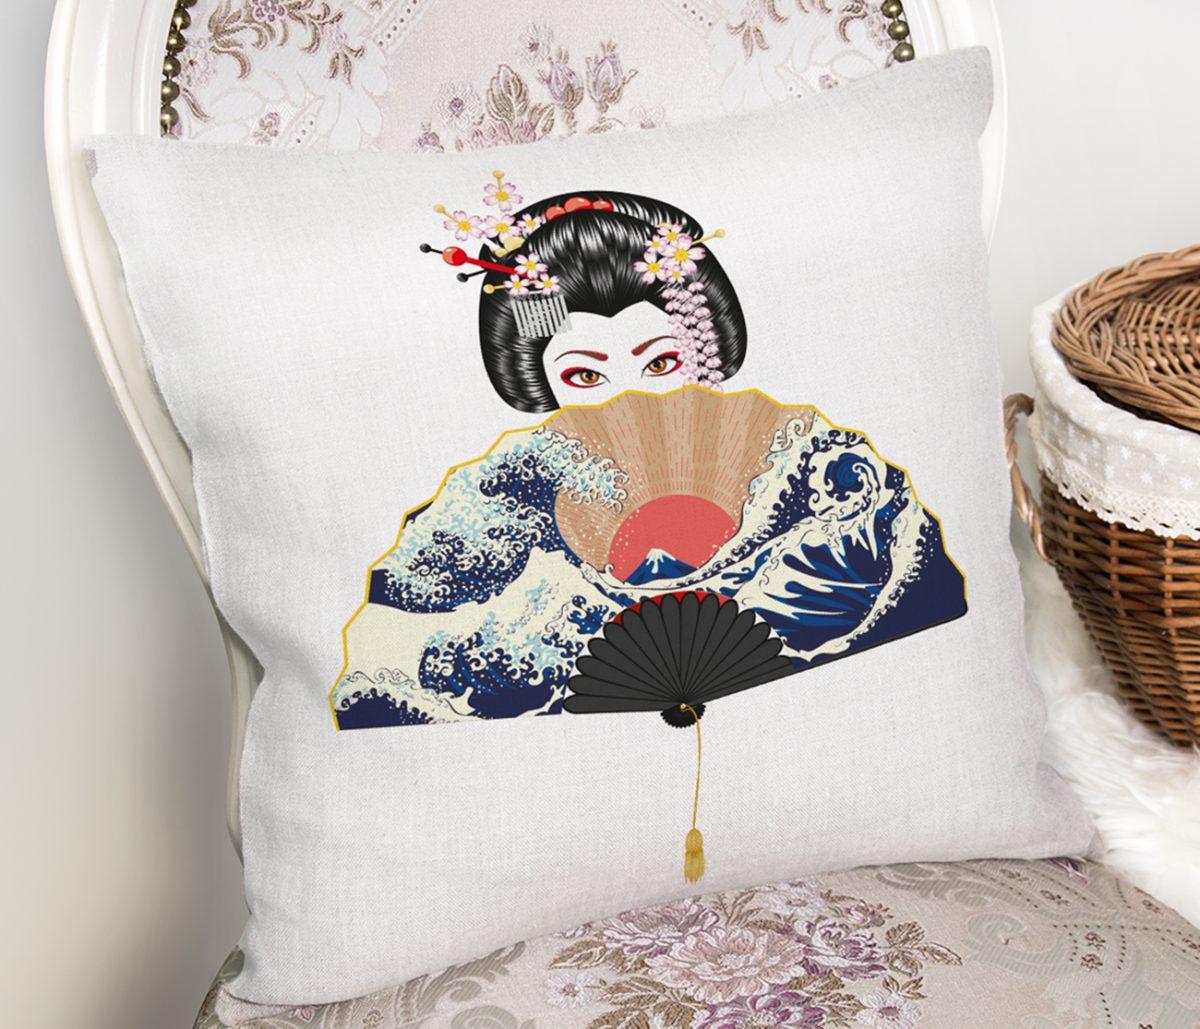 Yelpazali Japan Kadın Motifli Dekoratif Yastık Kılıfı Realhomes